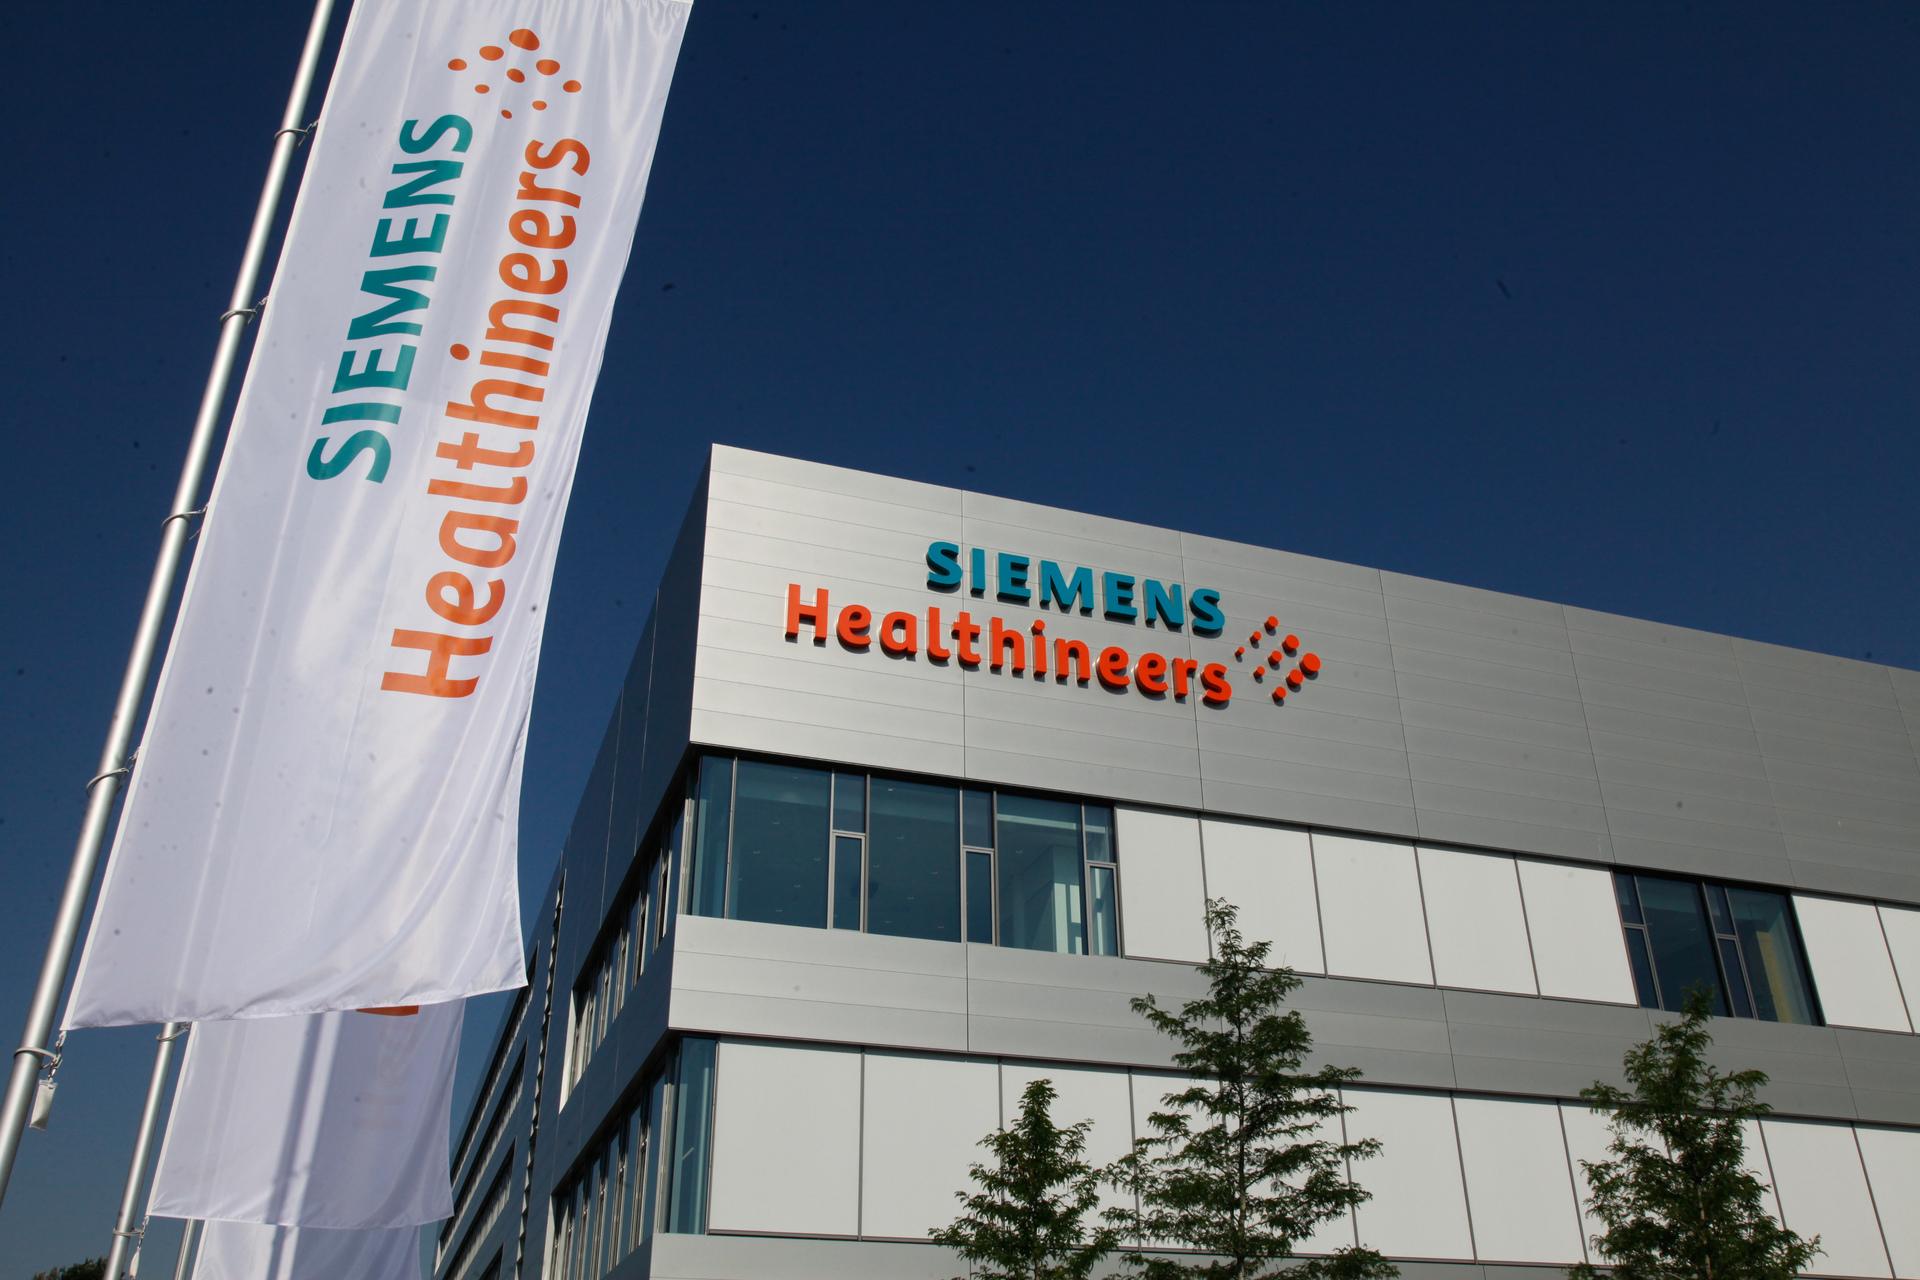 Siemens Healthineers Wkn